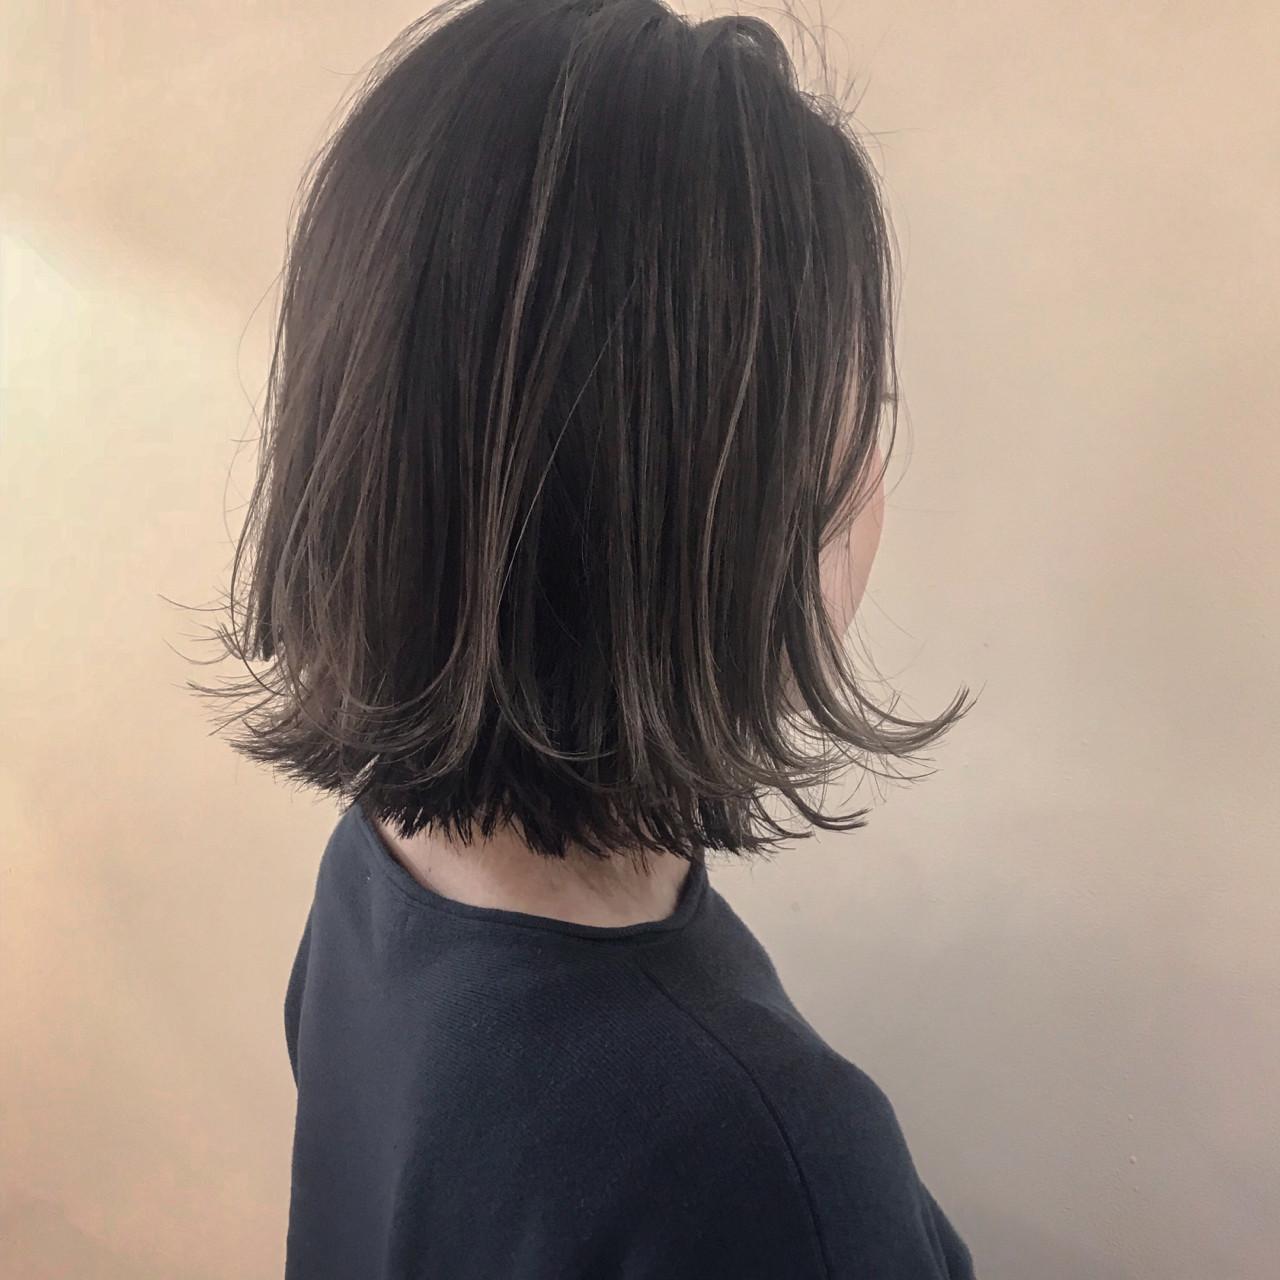 ナチュラル ハイライト 大人かわいい デート ヘアスタイルや髪型の写真・画像 | yumiko/sapporoSKNOW / SKNOW